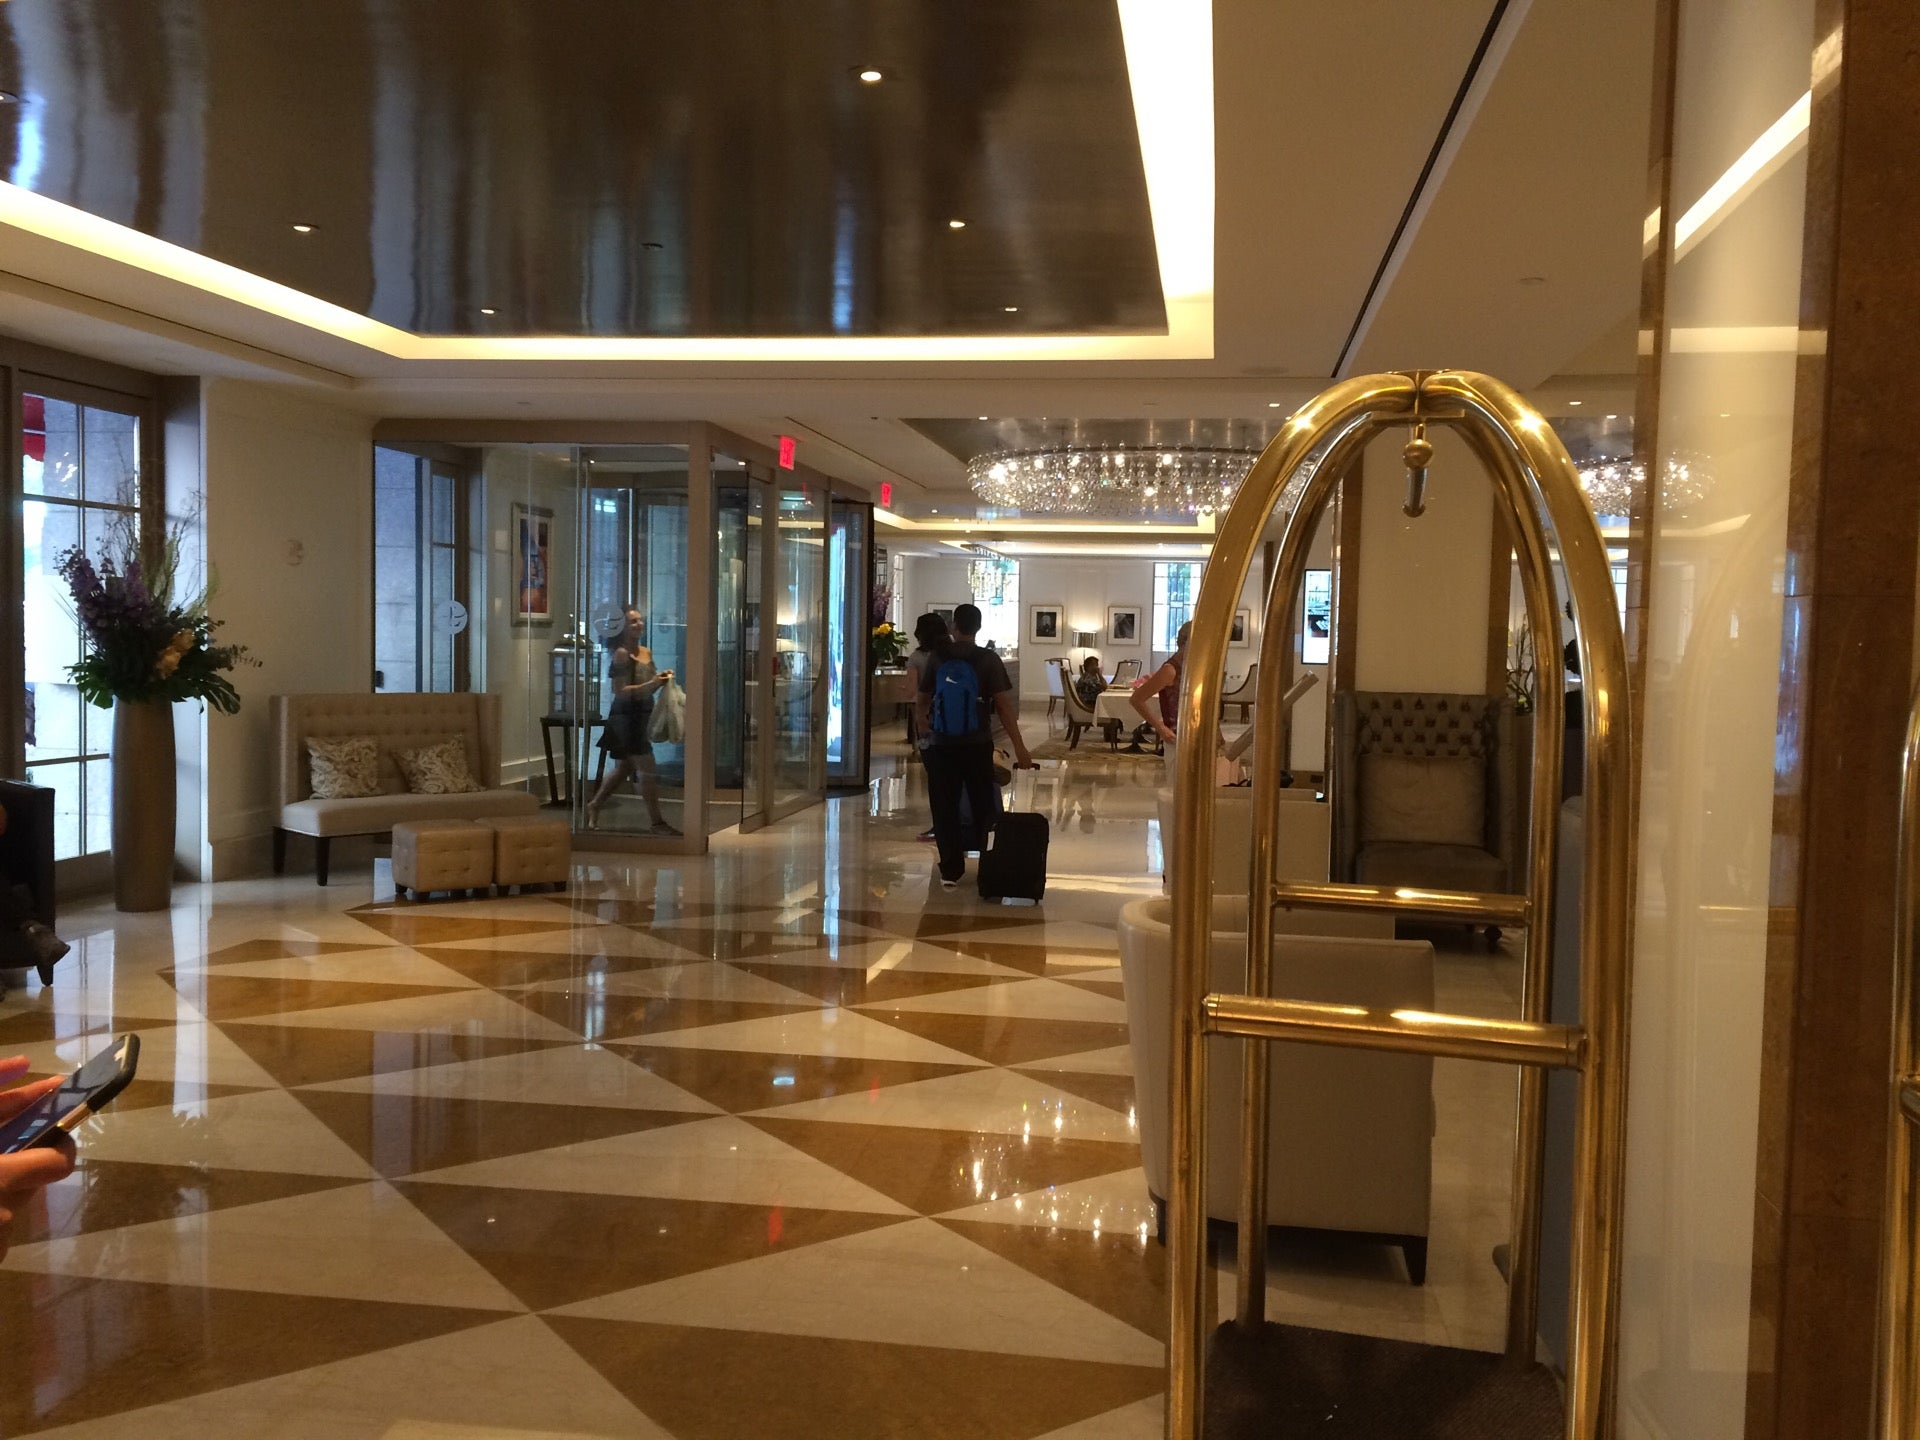 Langham Hotel-Boston,alli after dark,dew tour,dewtour,hotel